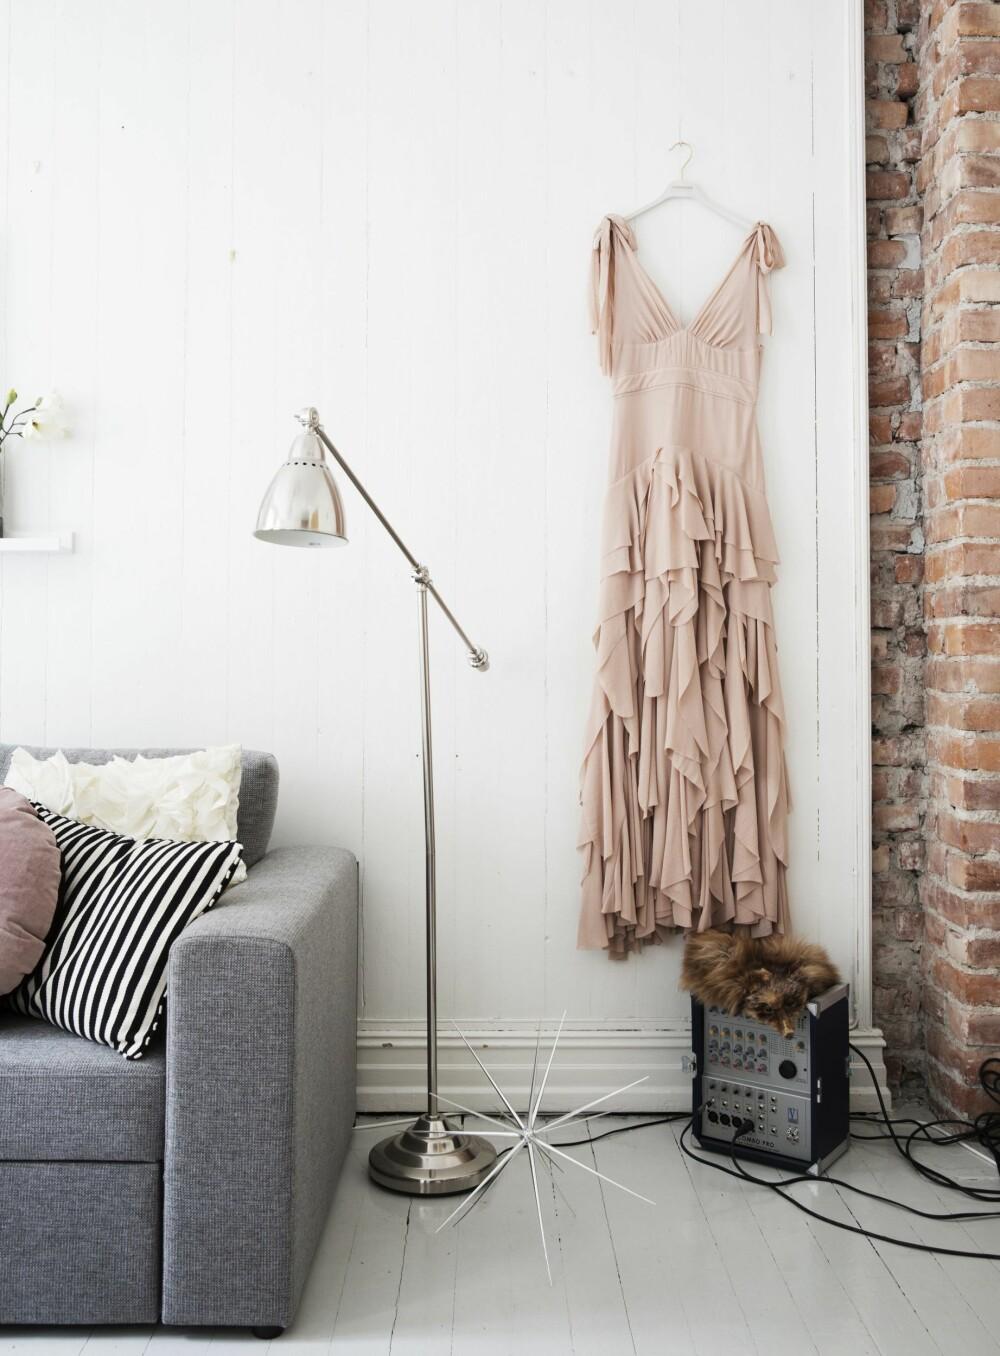 HENGER OPP KJOLENE SINE: - Jeg elsker vakre kjoler og ettersom de så sjeldent blir brukt, bruker jeg dem som et interiørelement. Klær kan være kunstverk i seg selv.Denne kjolen er fra H&M Concious Exclusive Collection 2014 og det var kjærlighet ved første blikk.